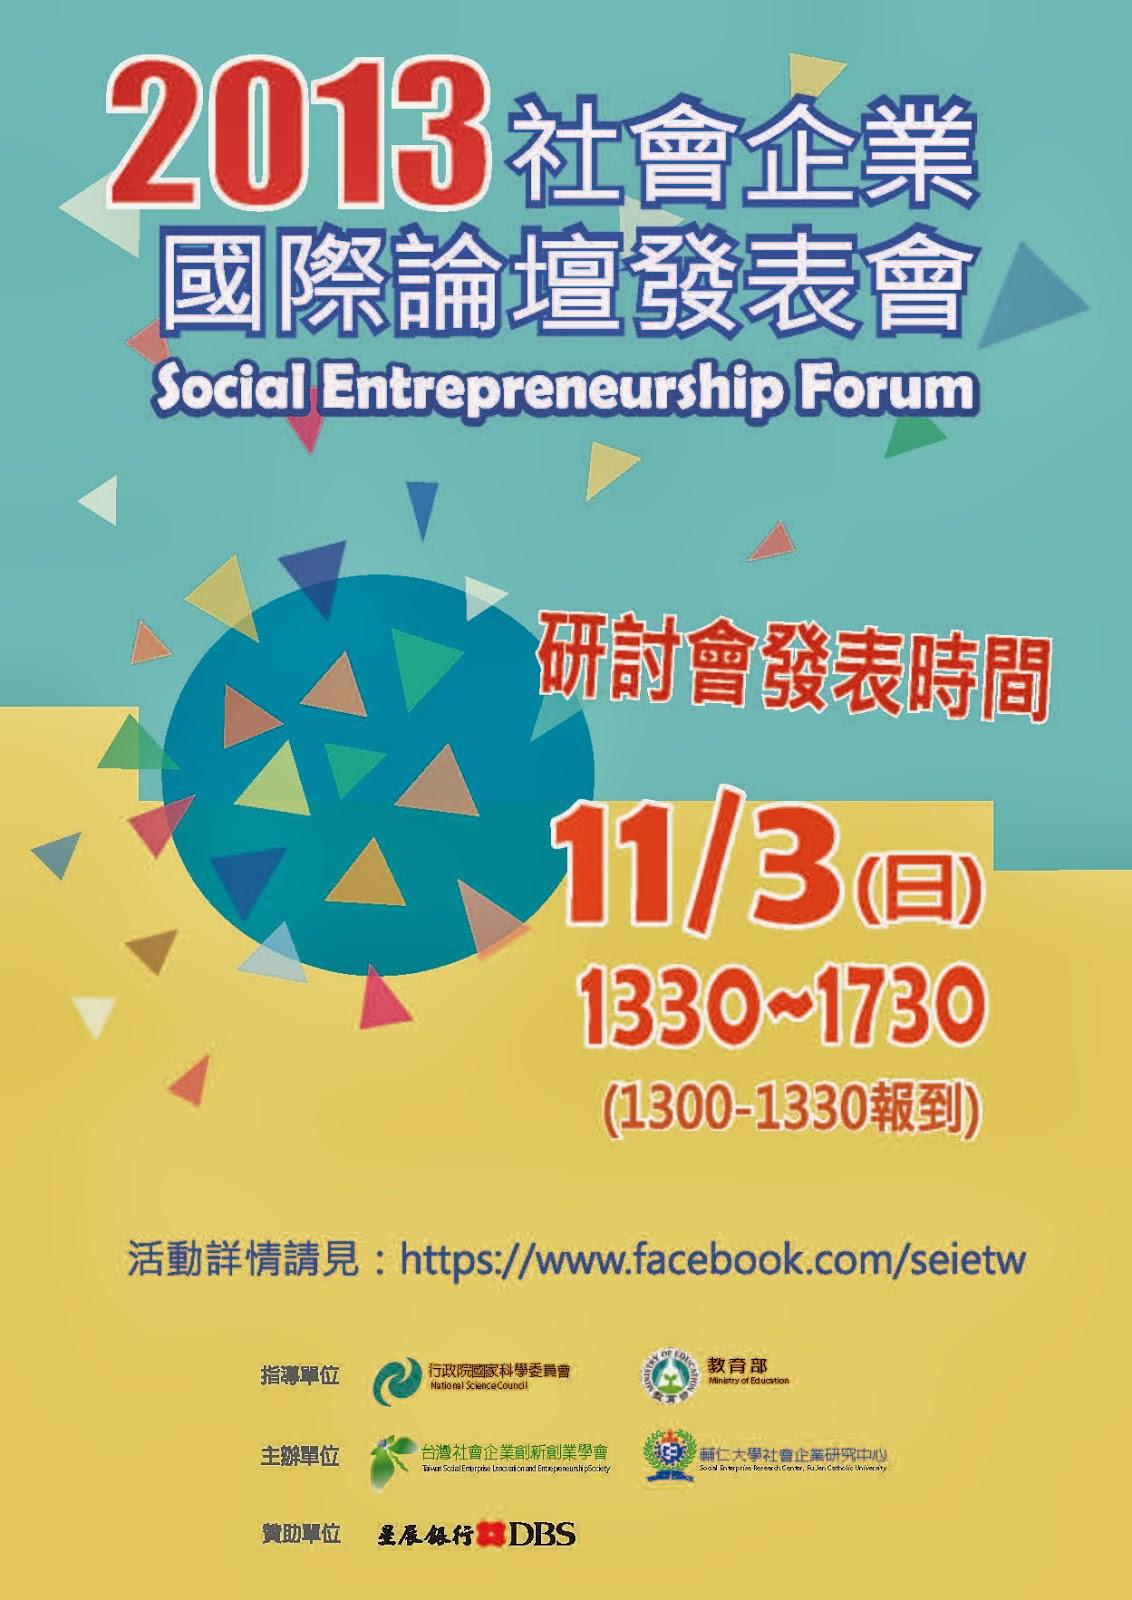 臺灣社會企業創新創業學會: 2013社會企業論文發表會開始囉~~~